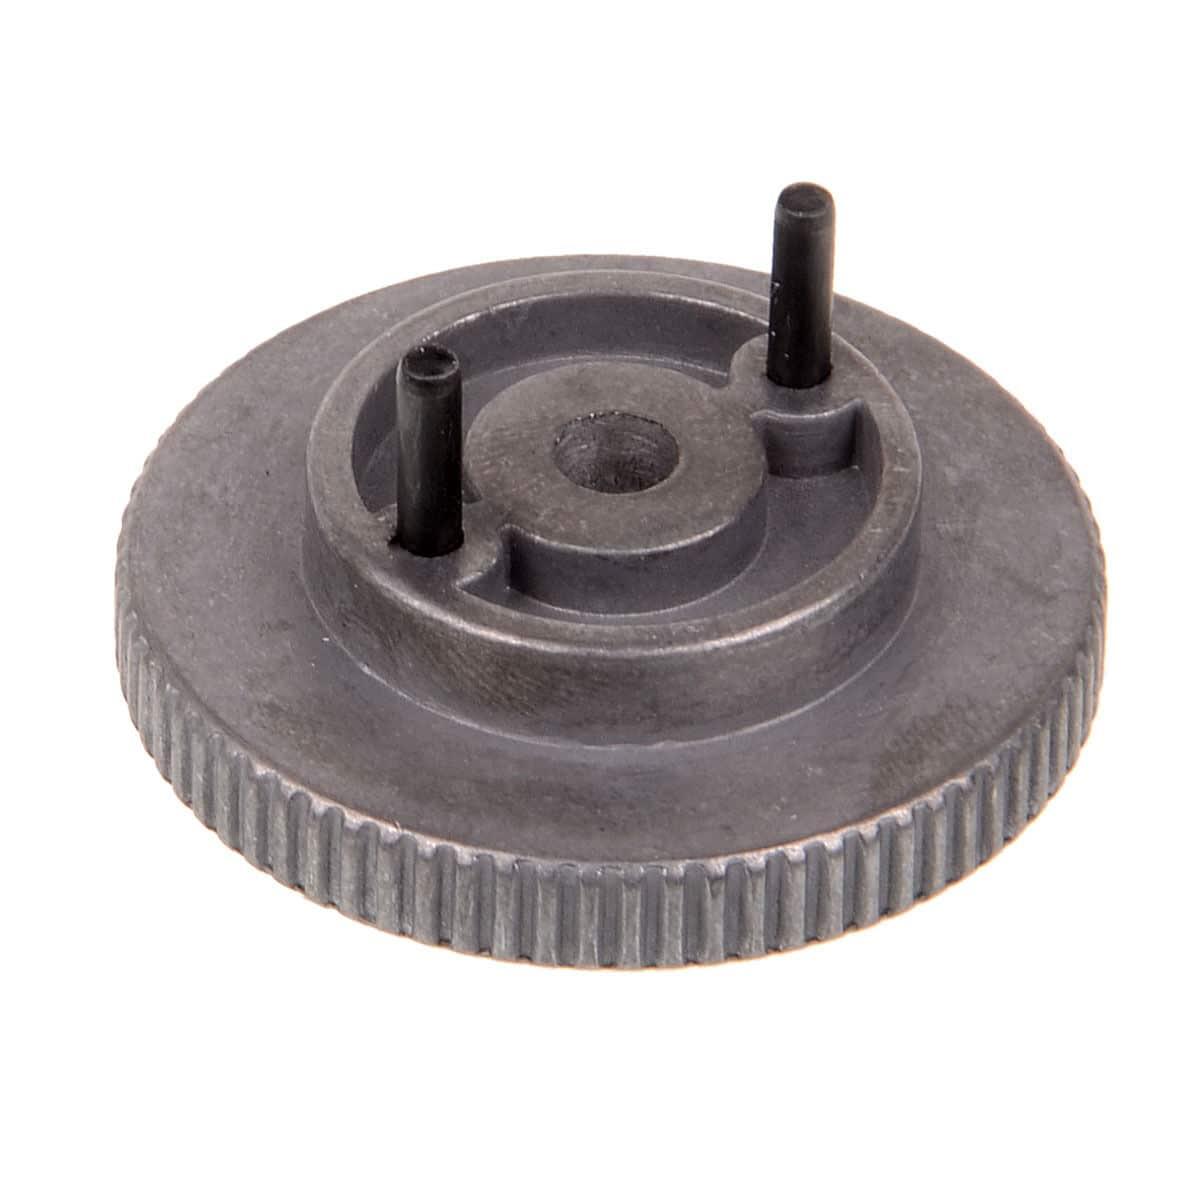 02068 Engine Flywheel – Behemoth Hsp Hi Speed Part ( 02068 )